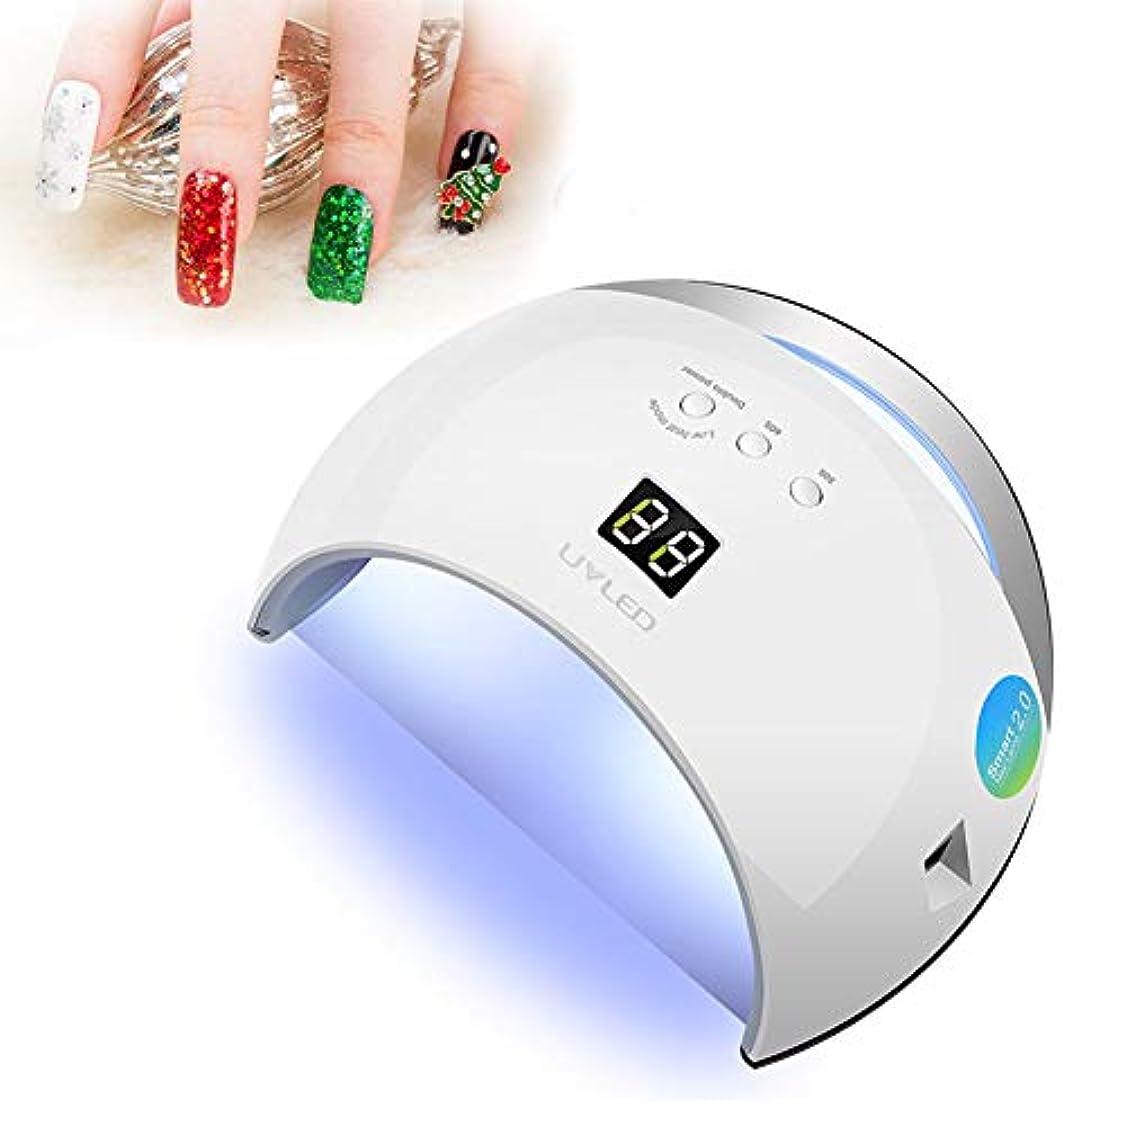 書く磁器集めるネイルグルー用LED UVランプ、ゲル研磨用48Wクイックネイルドライヤー、ネイルライト、インテリジェント自動検知、ネイル用サロン品質プロフェッショナルジェルライ